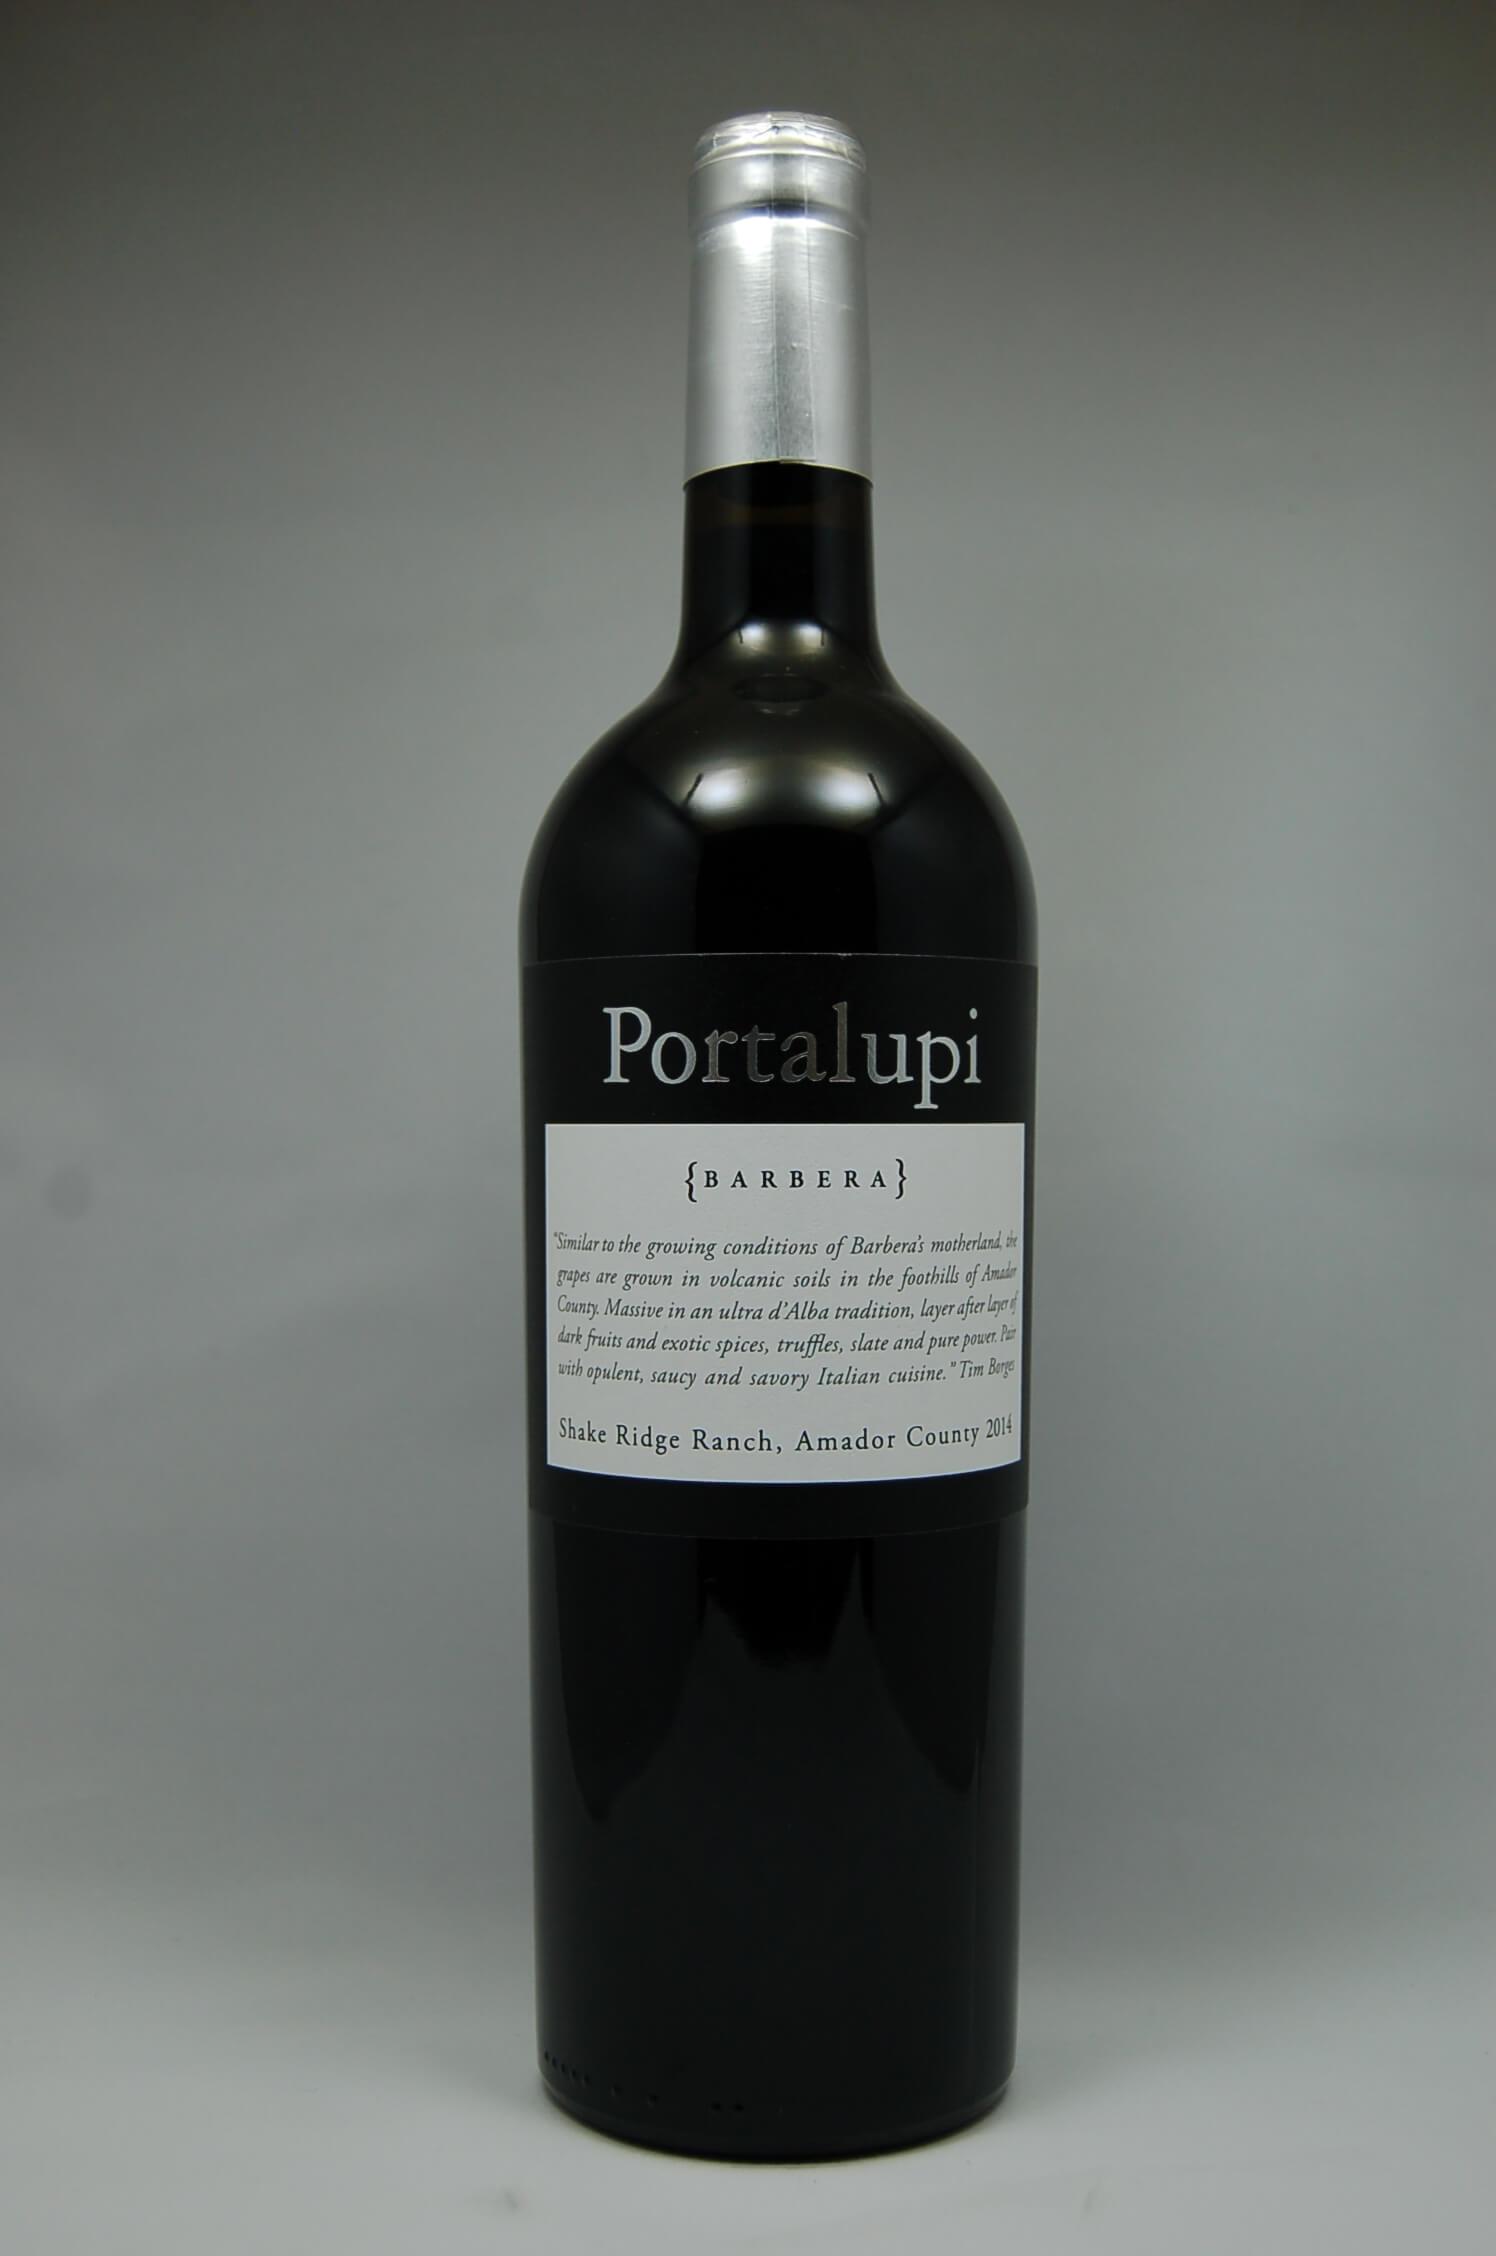 Portalupi Barbera 2014